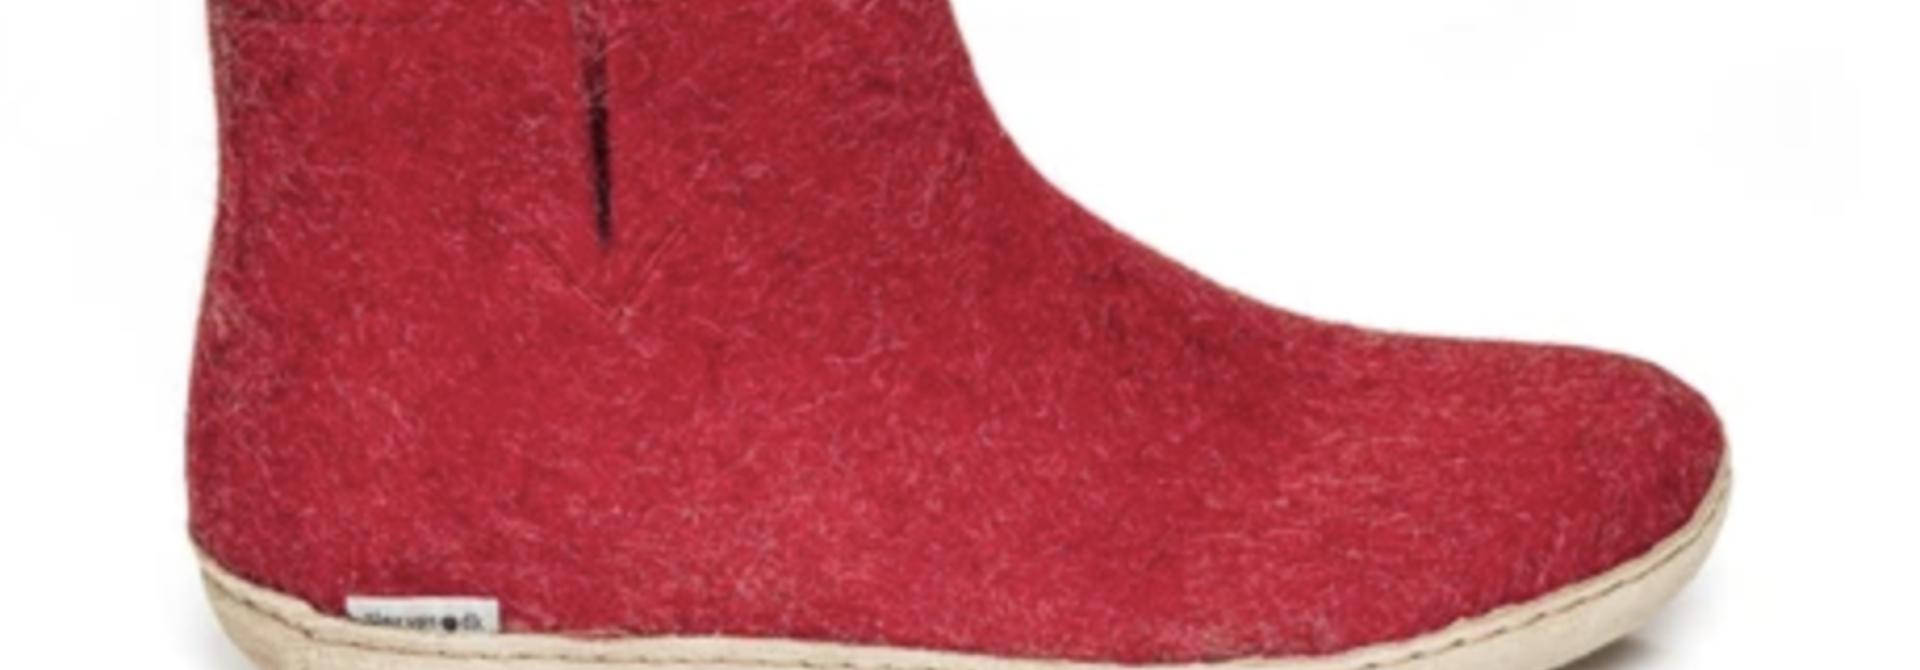 Glerups Boot